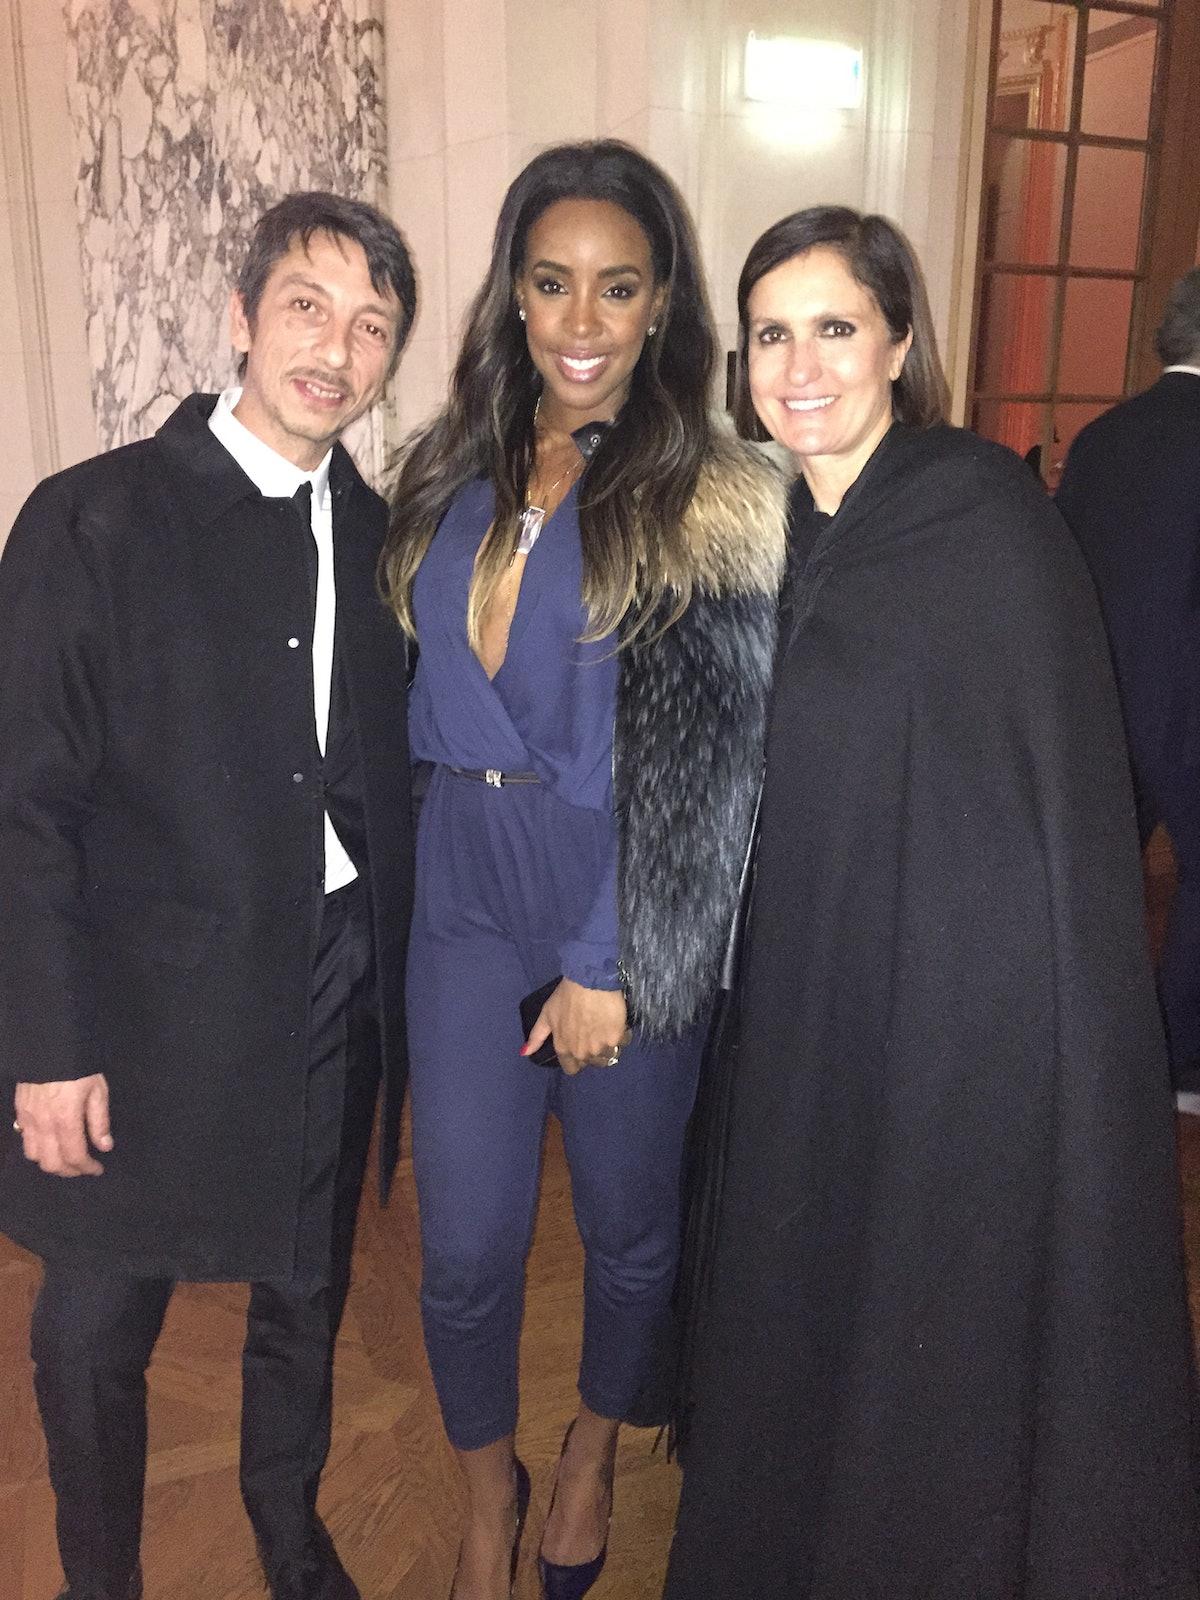 Kelly Rowland and Valentino's Pierpaolo Piccioli and Maria Grazia Chiuri